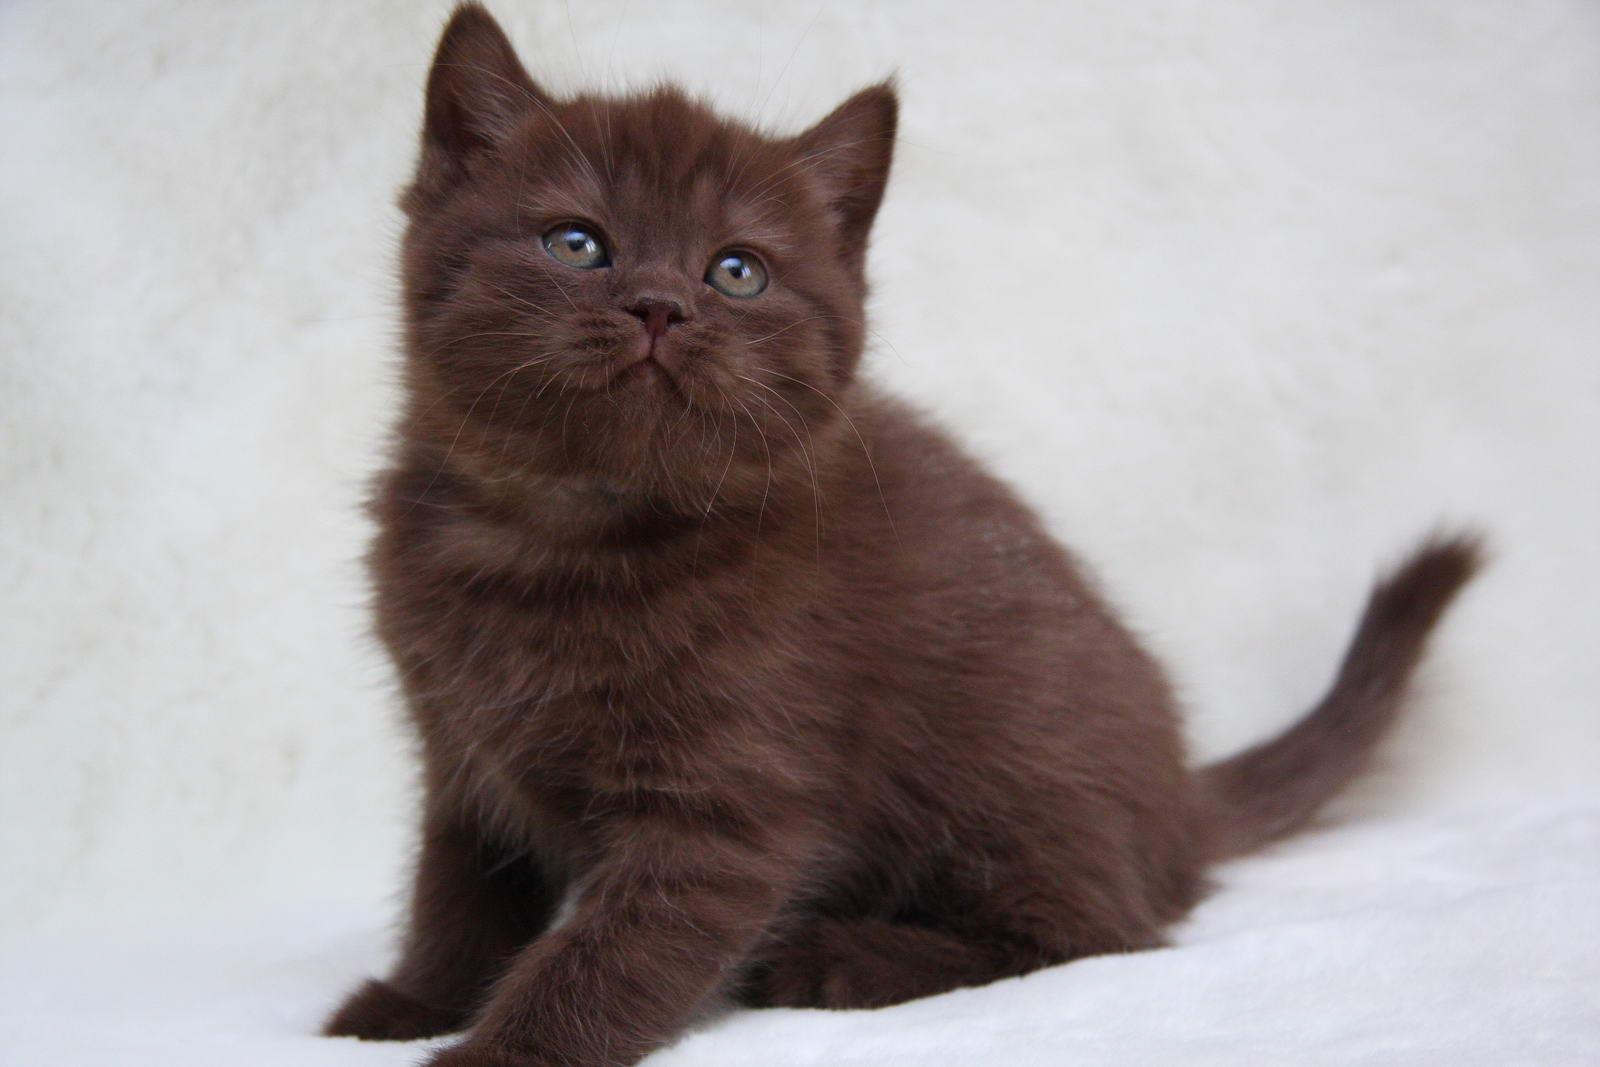 кот британец фото шоколадный